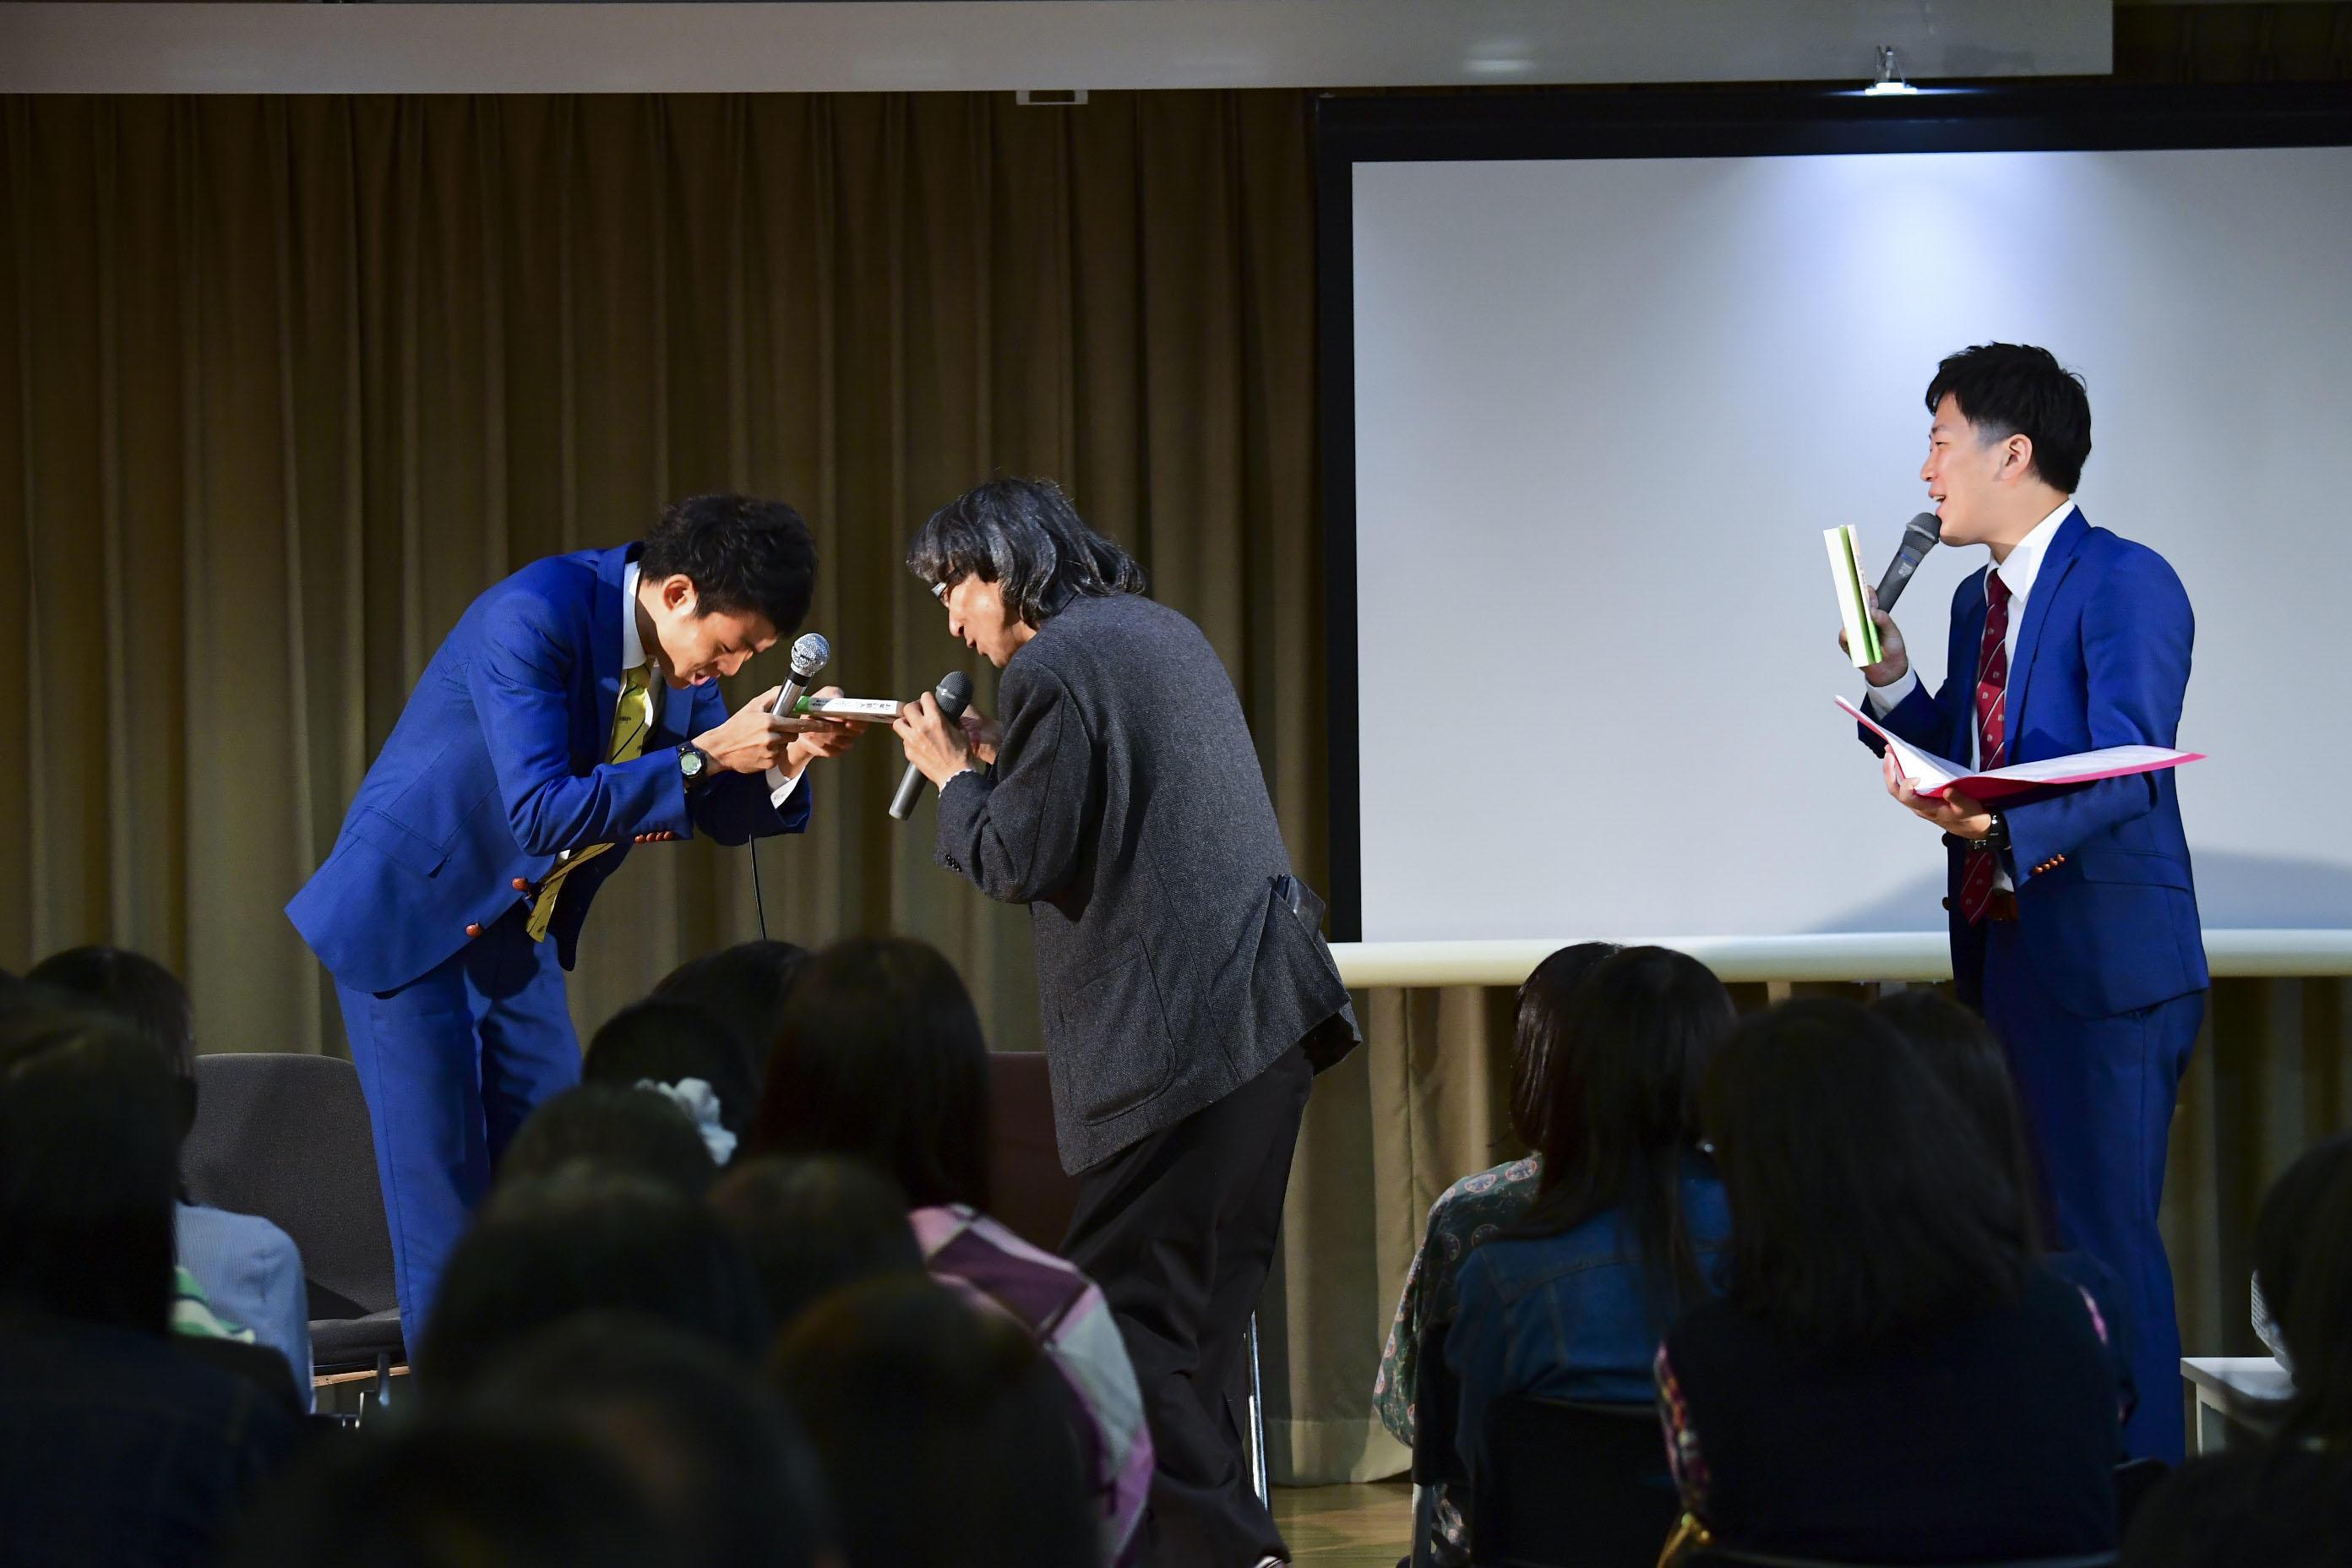 http://news.yoshimoto.co.jp/20171009102226-5b7f3828f4b8a2b5d1fb421b7fd9bf1a4a6ea529.jpg